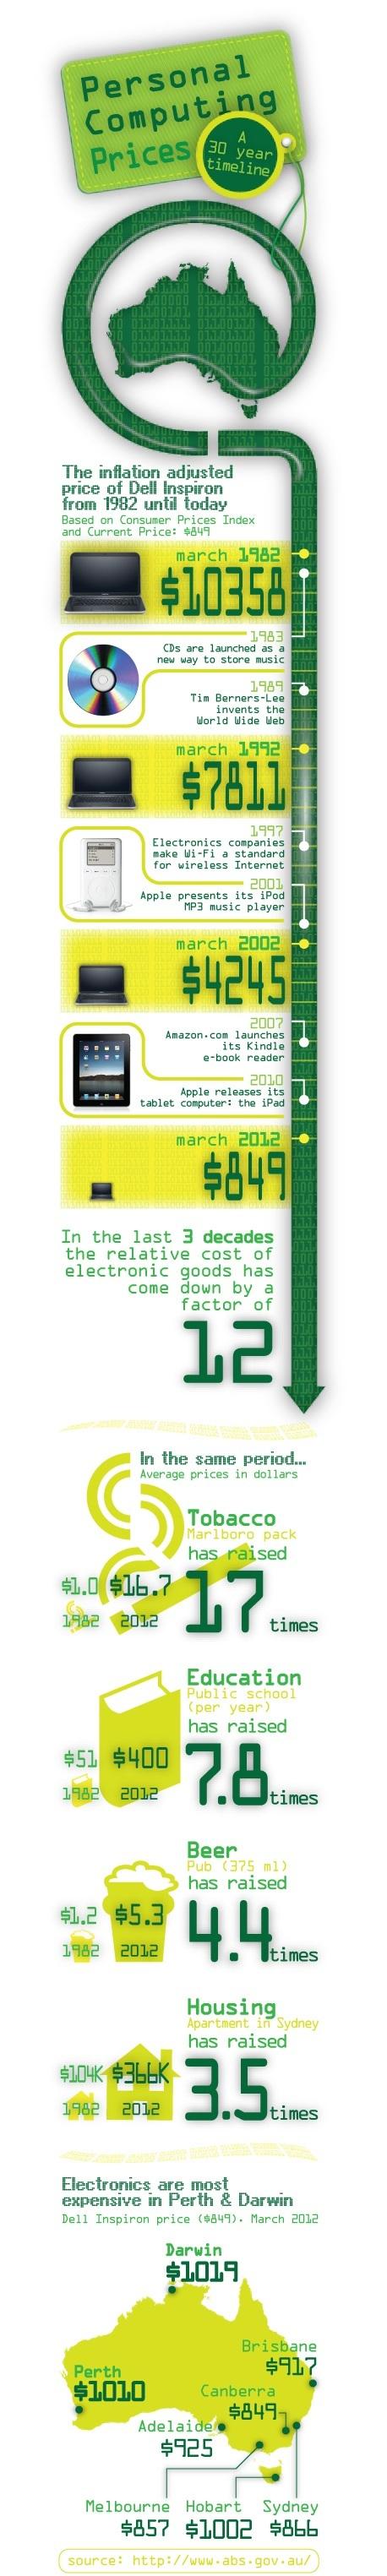 http://www.neowin.net/images/uploaded/1_dellau27_australiatechnologyandelectronic-dollars_.jpg